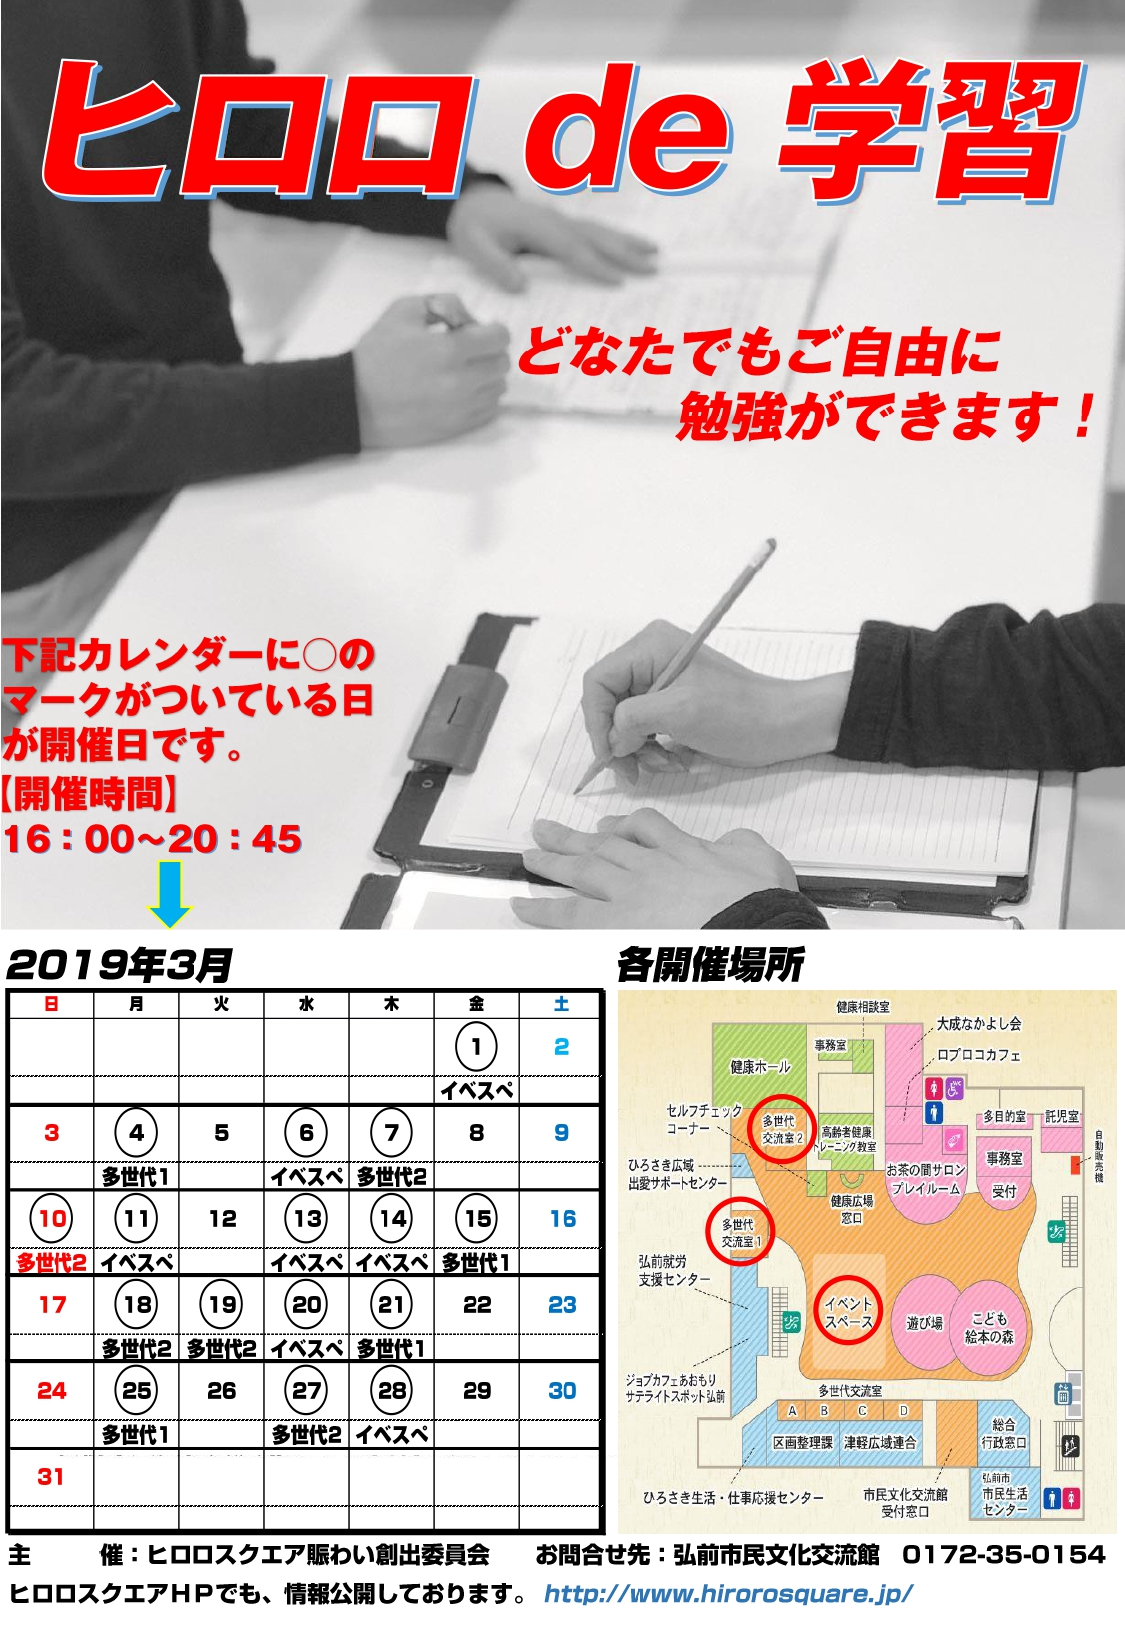 ヒロロde学習チラシ3月.jpg